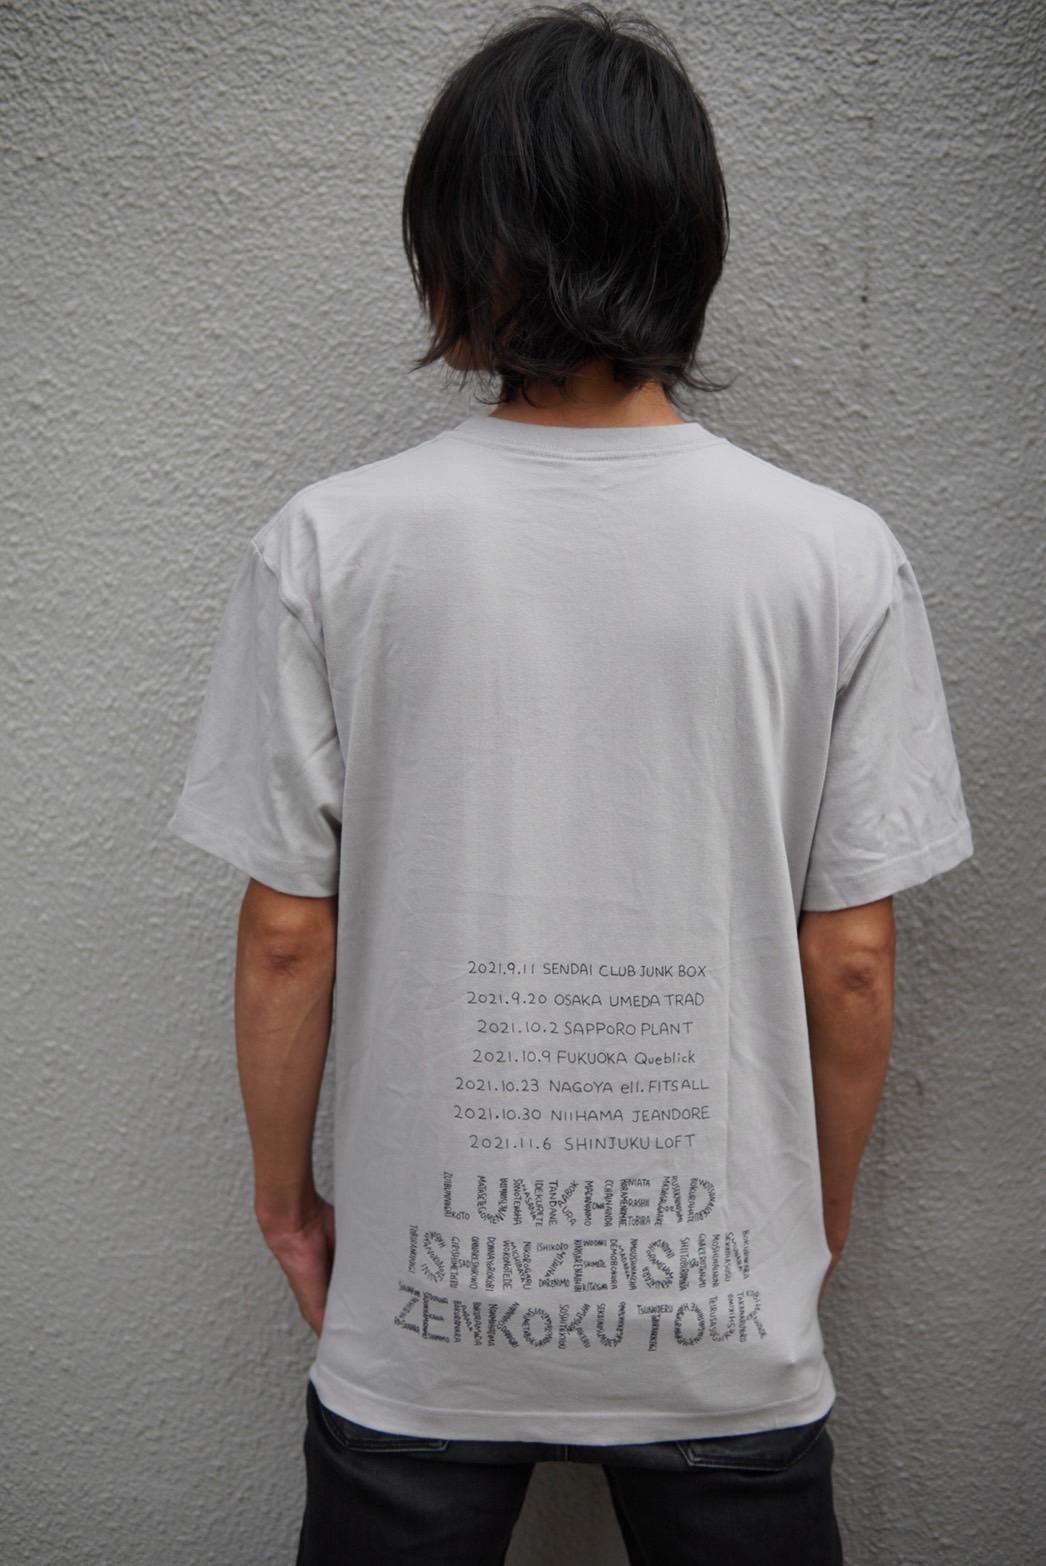 LUNKHEAD艦以心前進号Tシャツライトグレー2